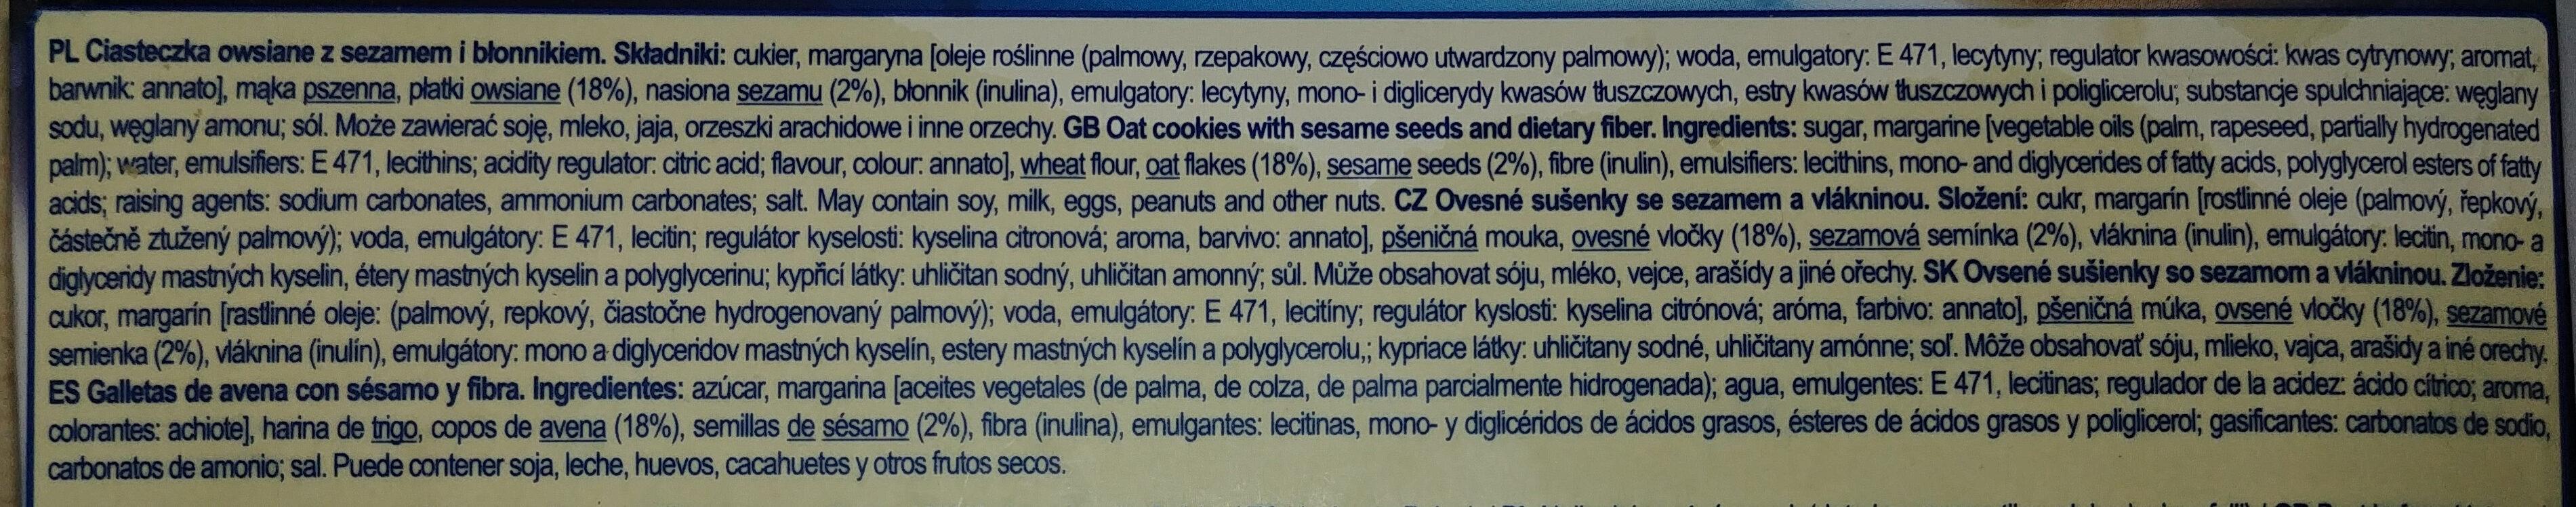 Ciasteczka owsiane z sezamem - Ingrediënten - pl